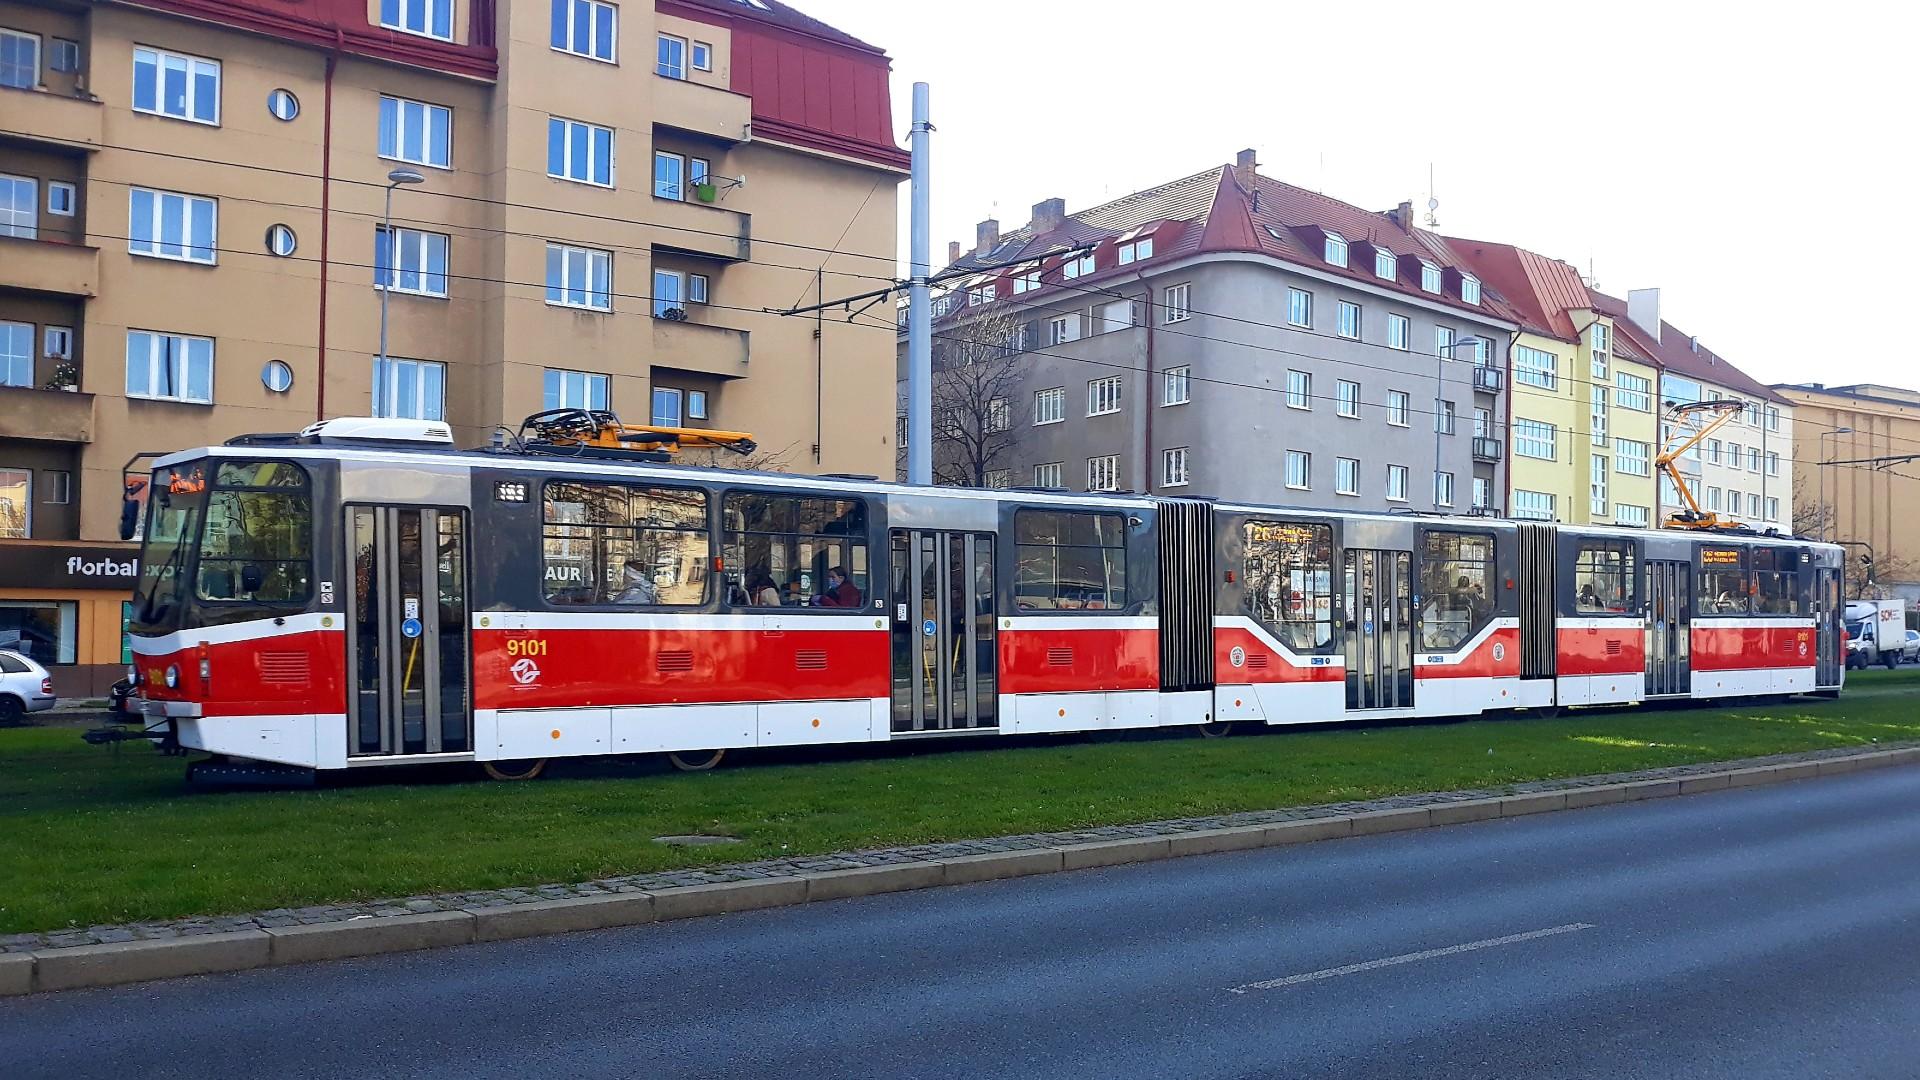 A 26-os vonalán jelent meg a 9101-es Tatra KT8D5, ami nemrég még Miskolc utcáin cirkált